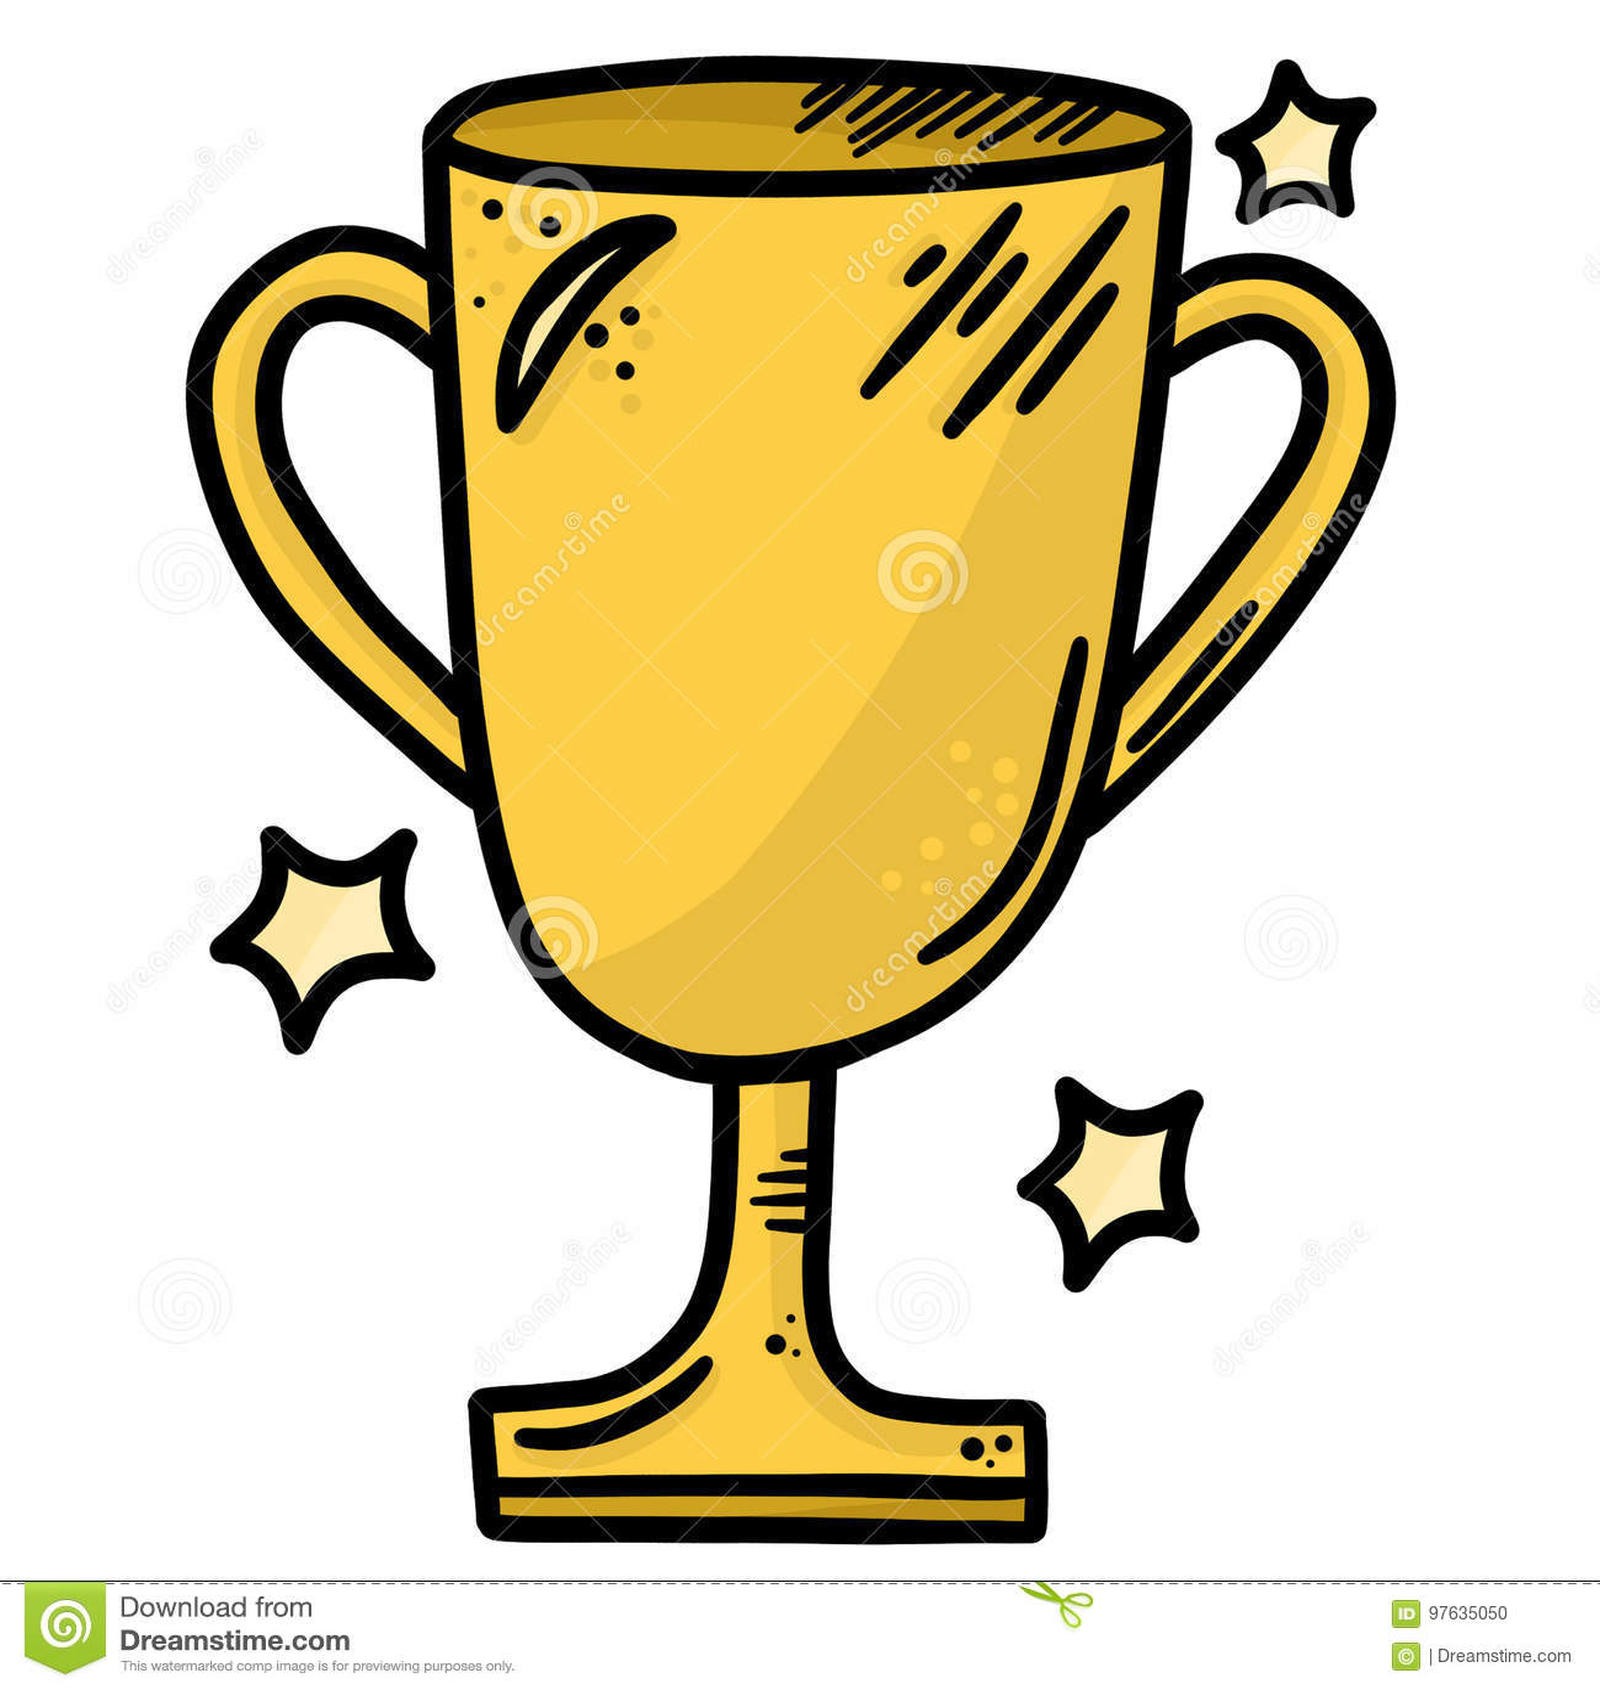 Línea Art Vector Illustration Clip Art del trofeo del oro